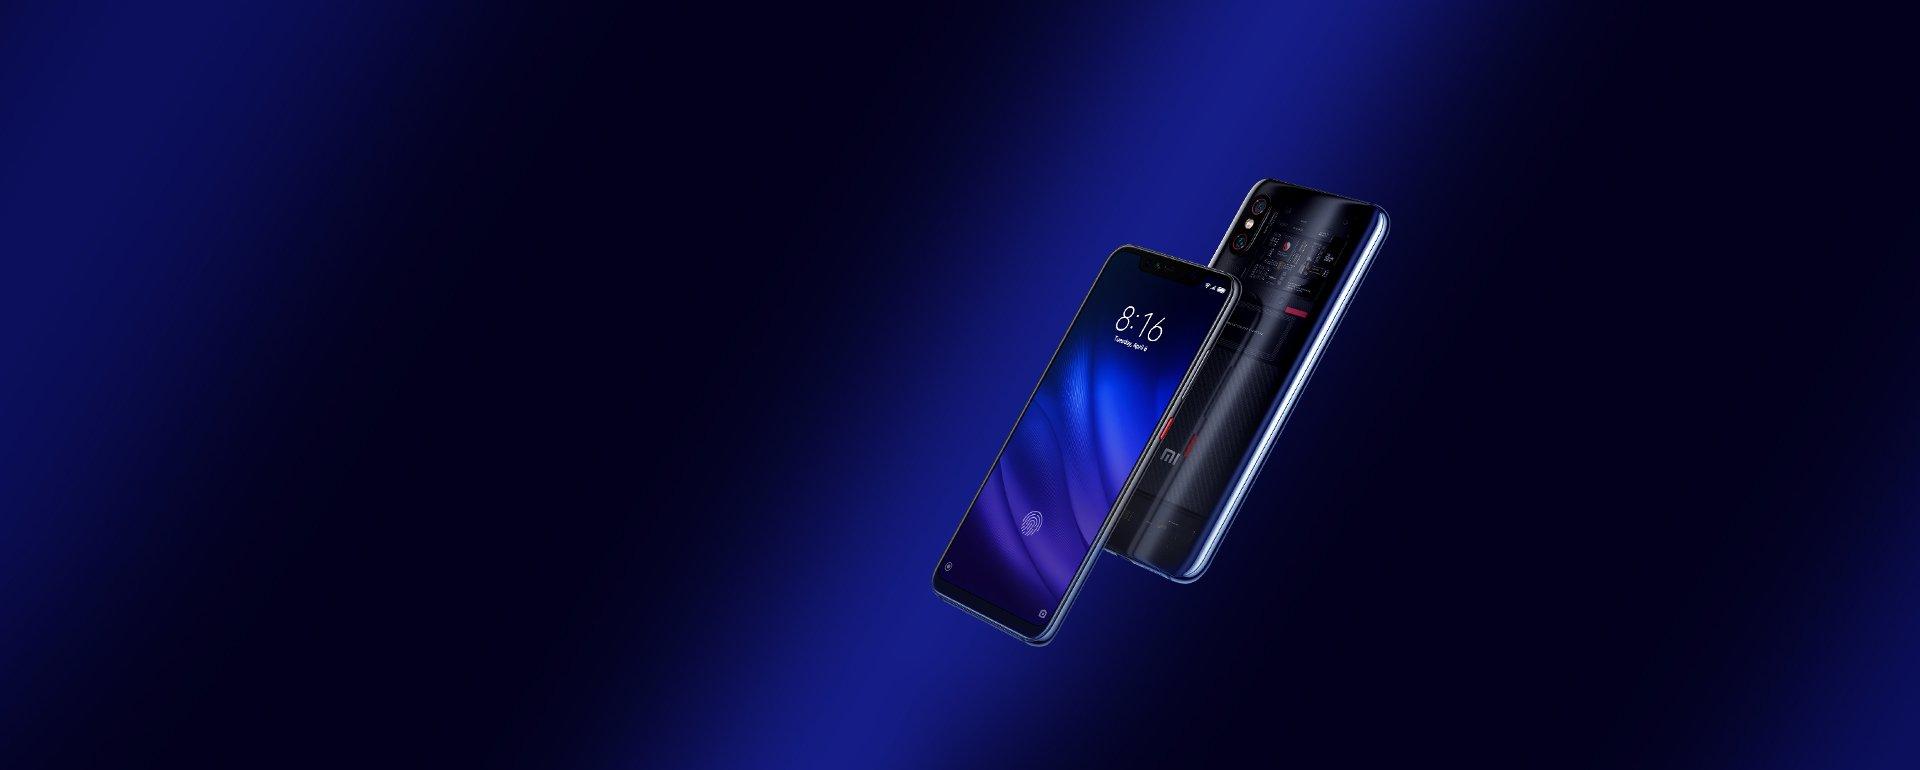 Xiaomi Mi 8 Pro presume de ser el mejor móvil de la marca